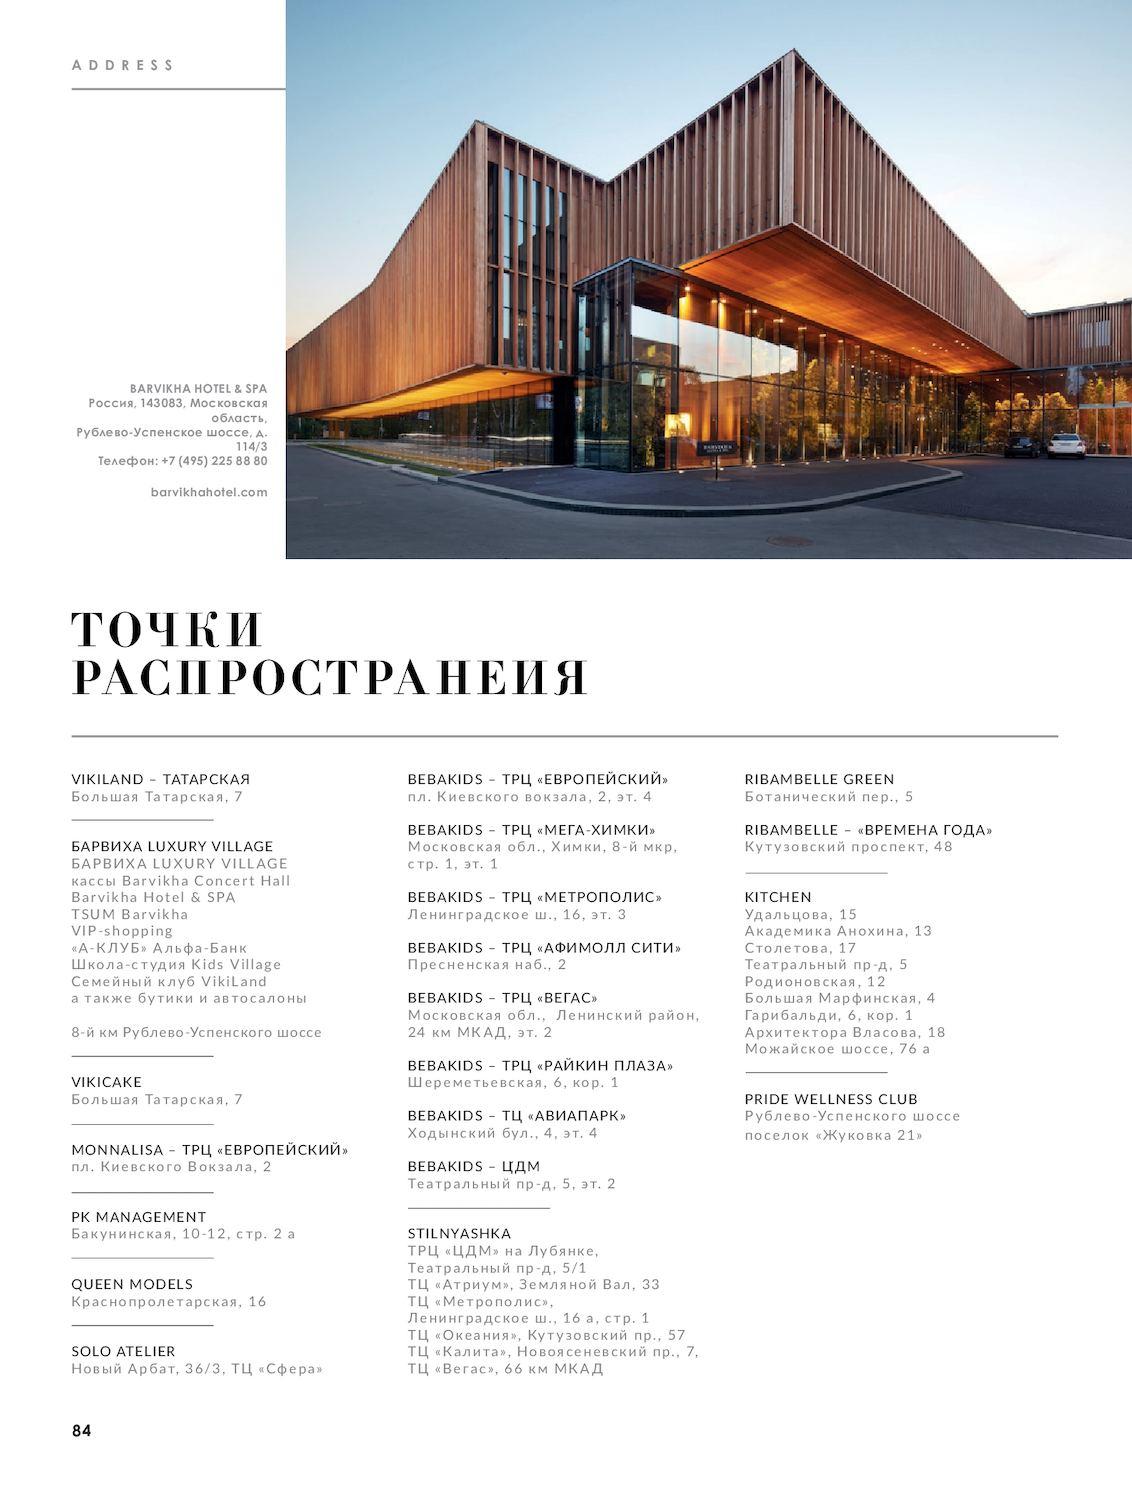 Оформление медицинской книжки Москва Пресненский ленинский проспект